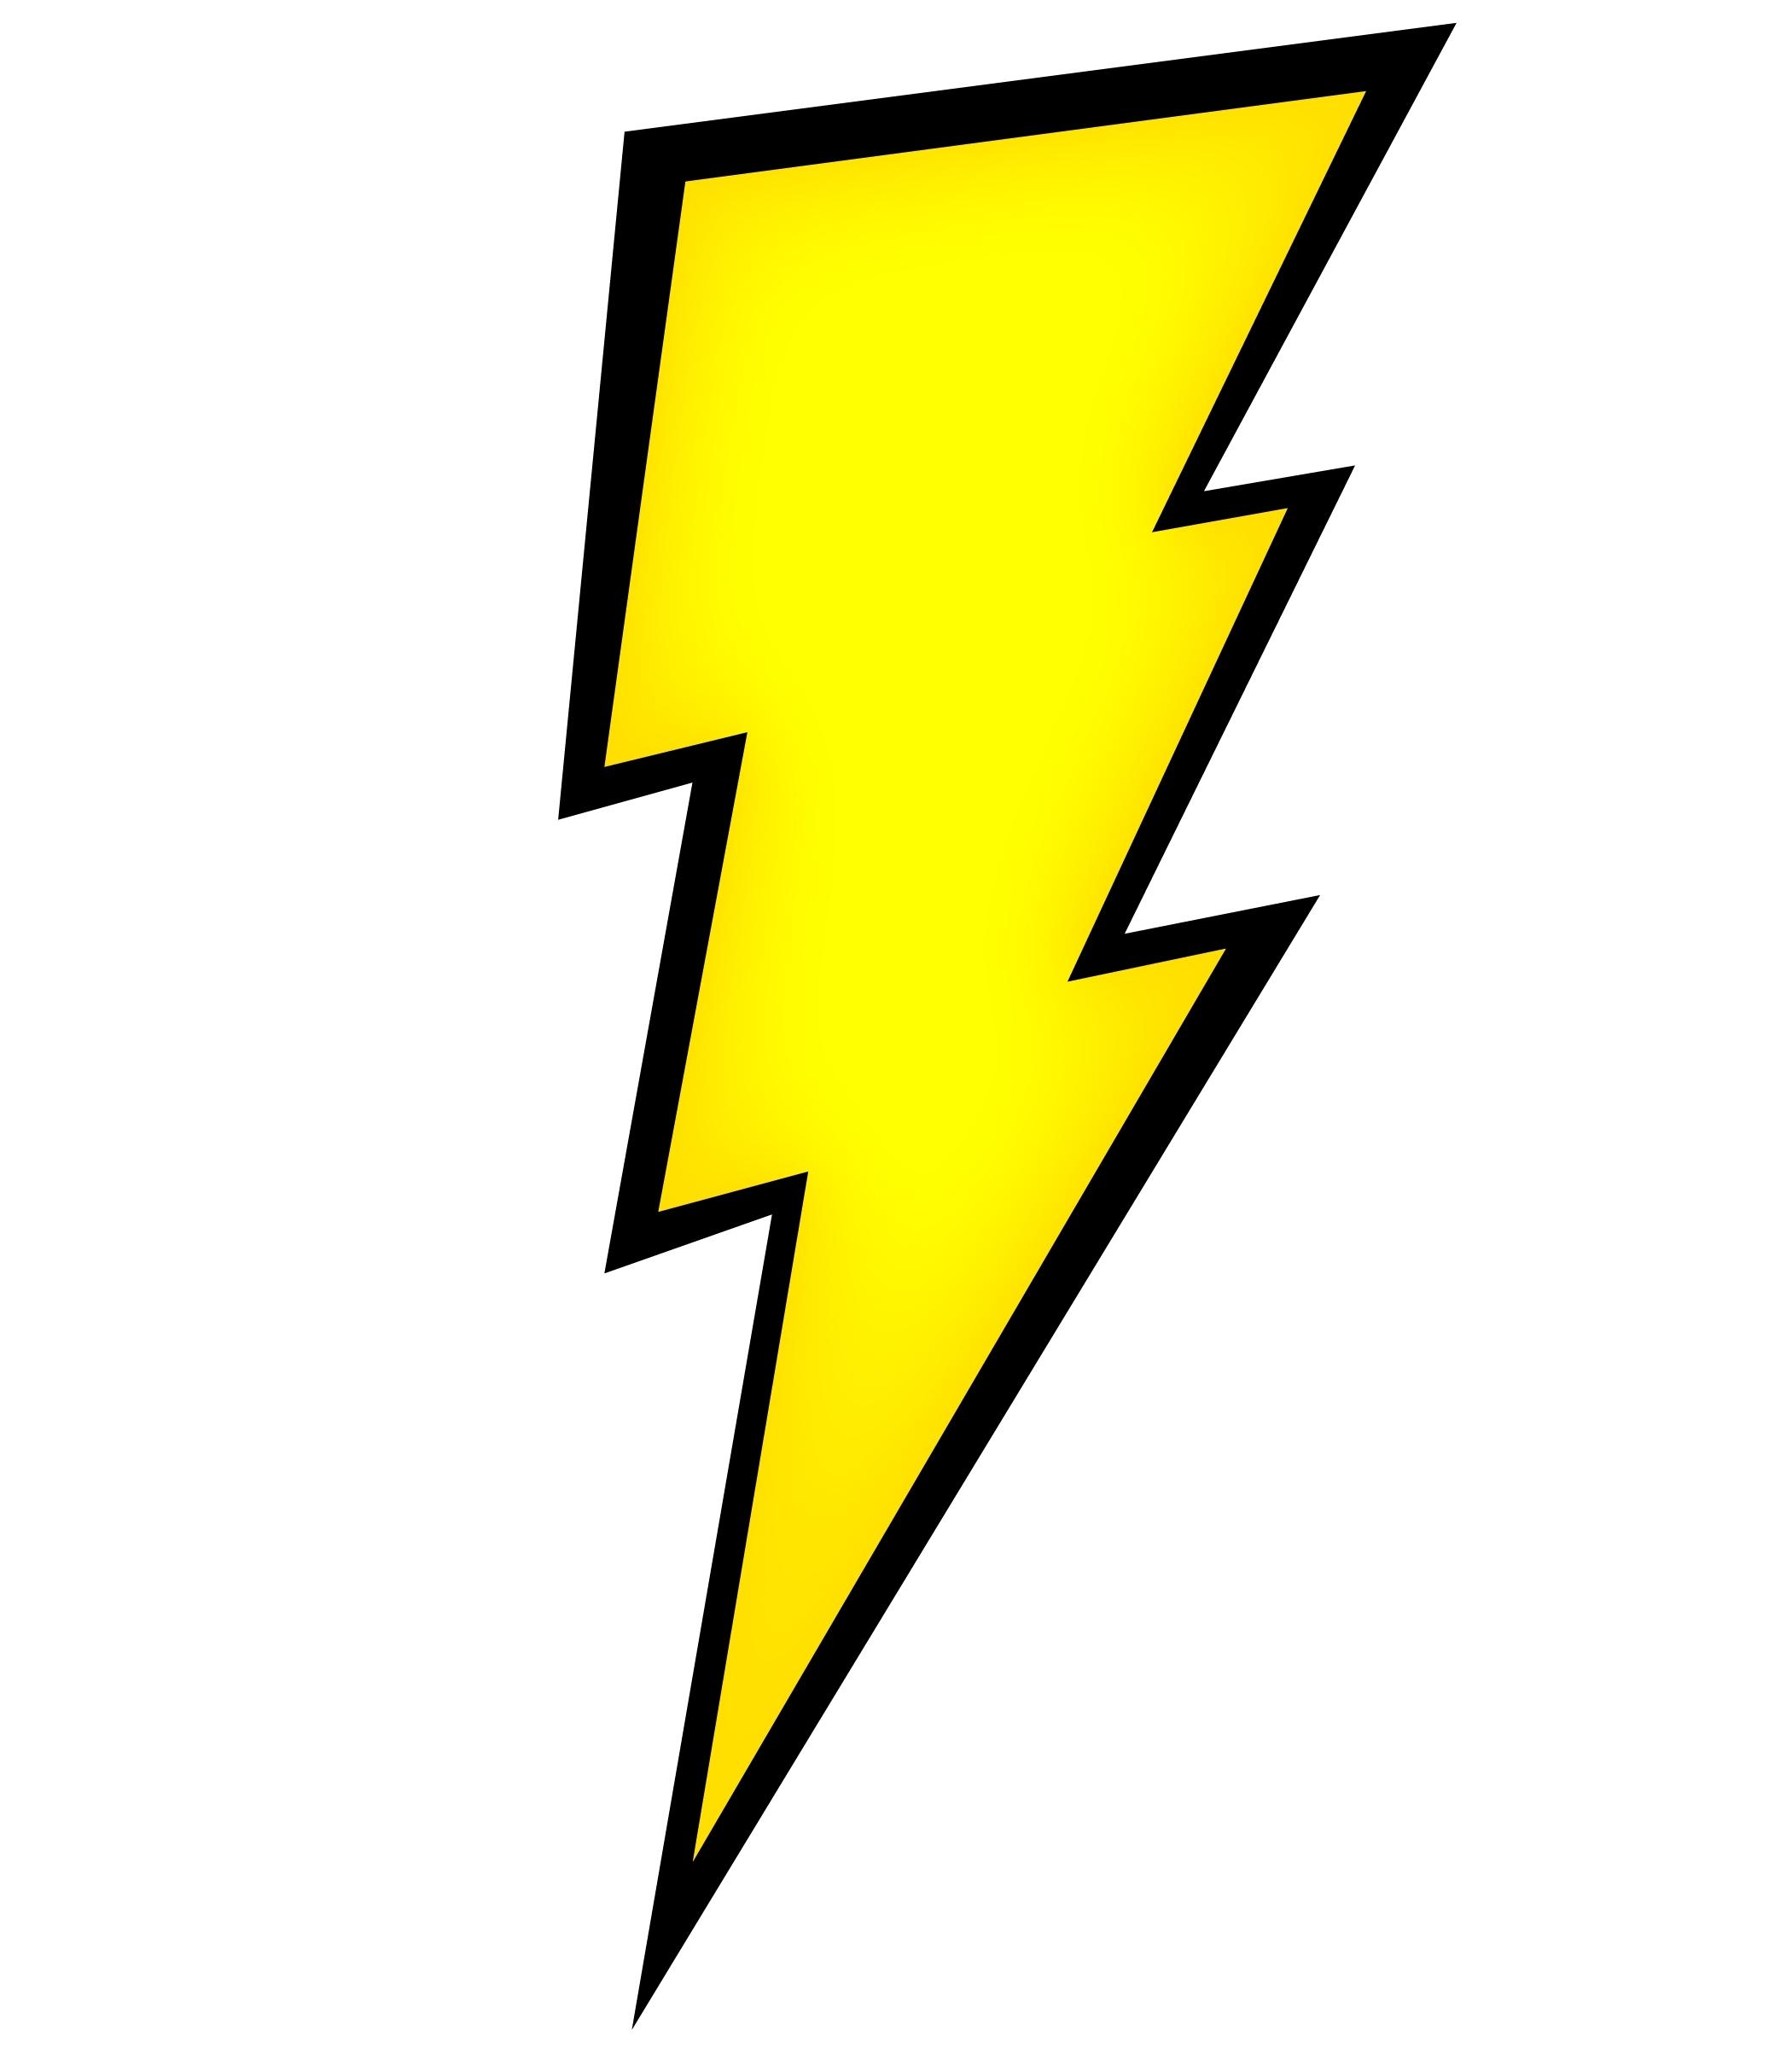 image transparent stock Free image lightning download. Bolt clipart.